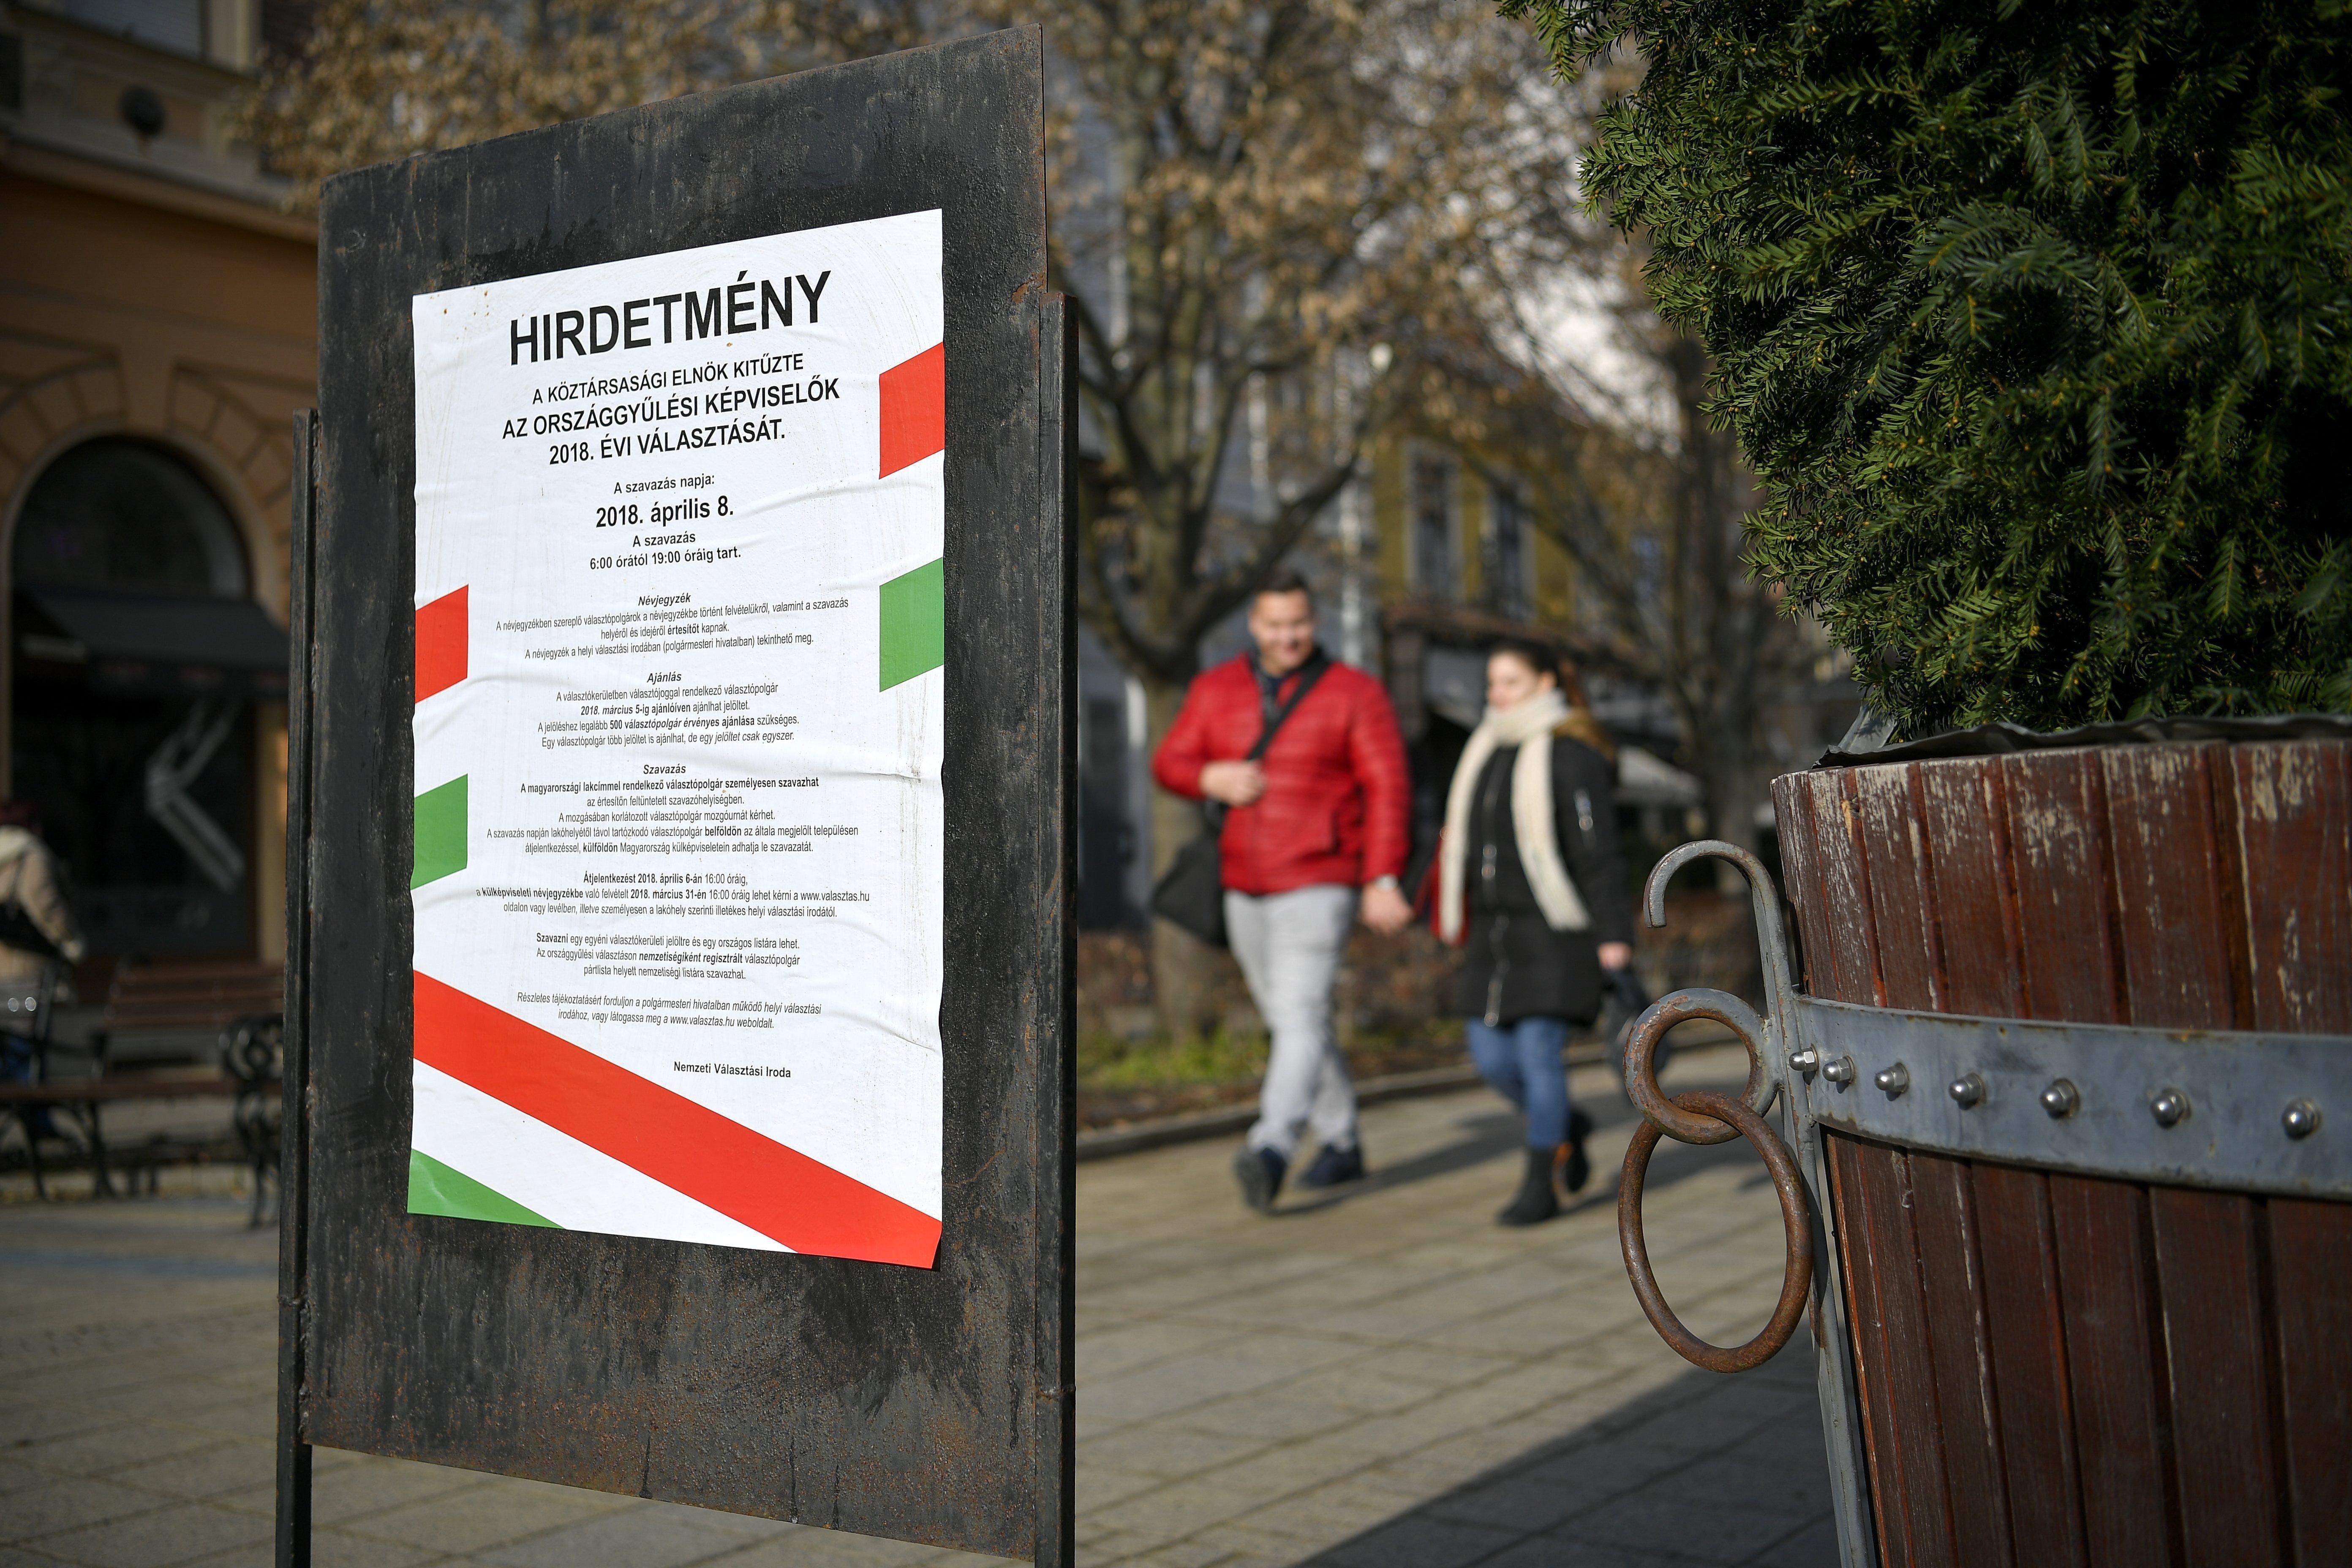 Közeledik a választás: a Végső Esély Párt már bejelentkezett az ország vezetésére